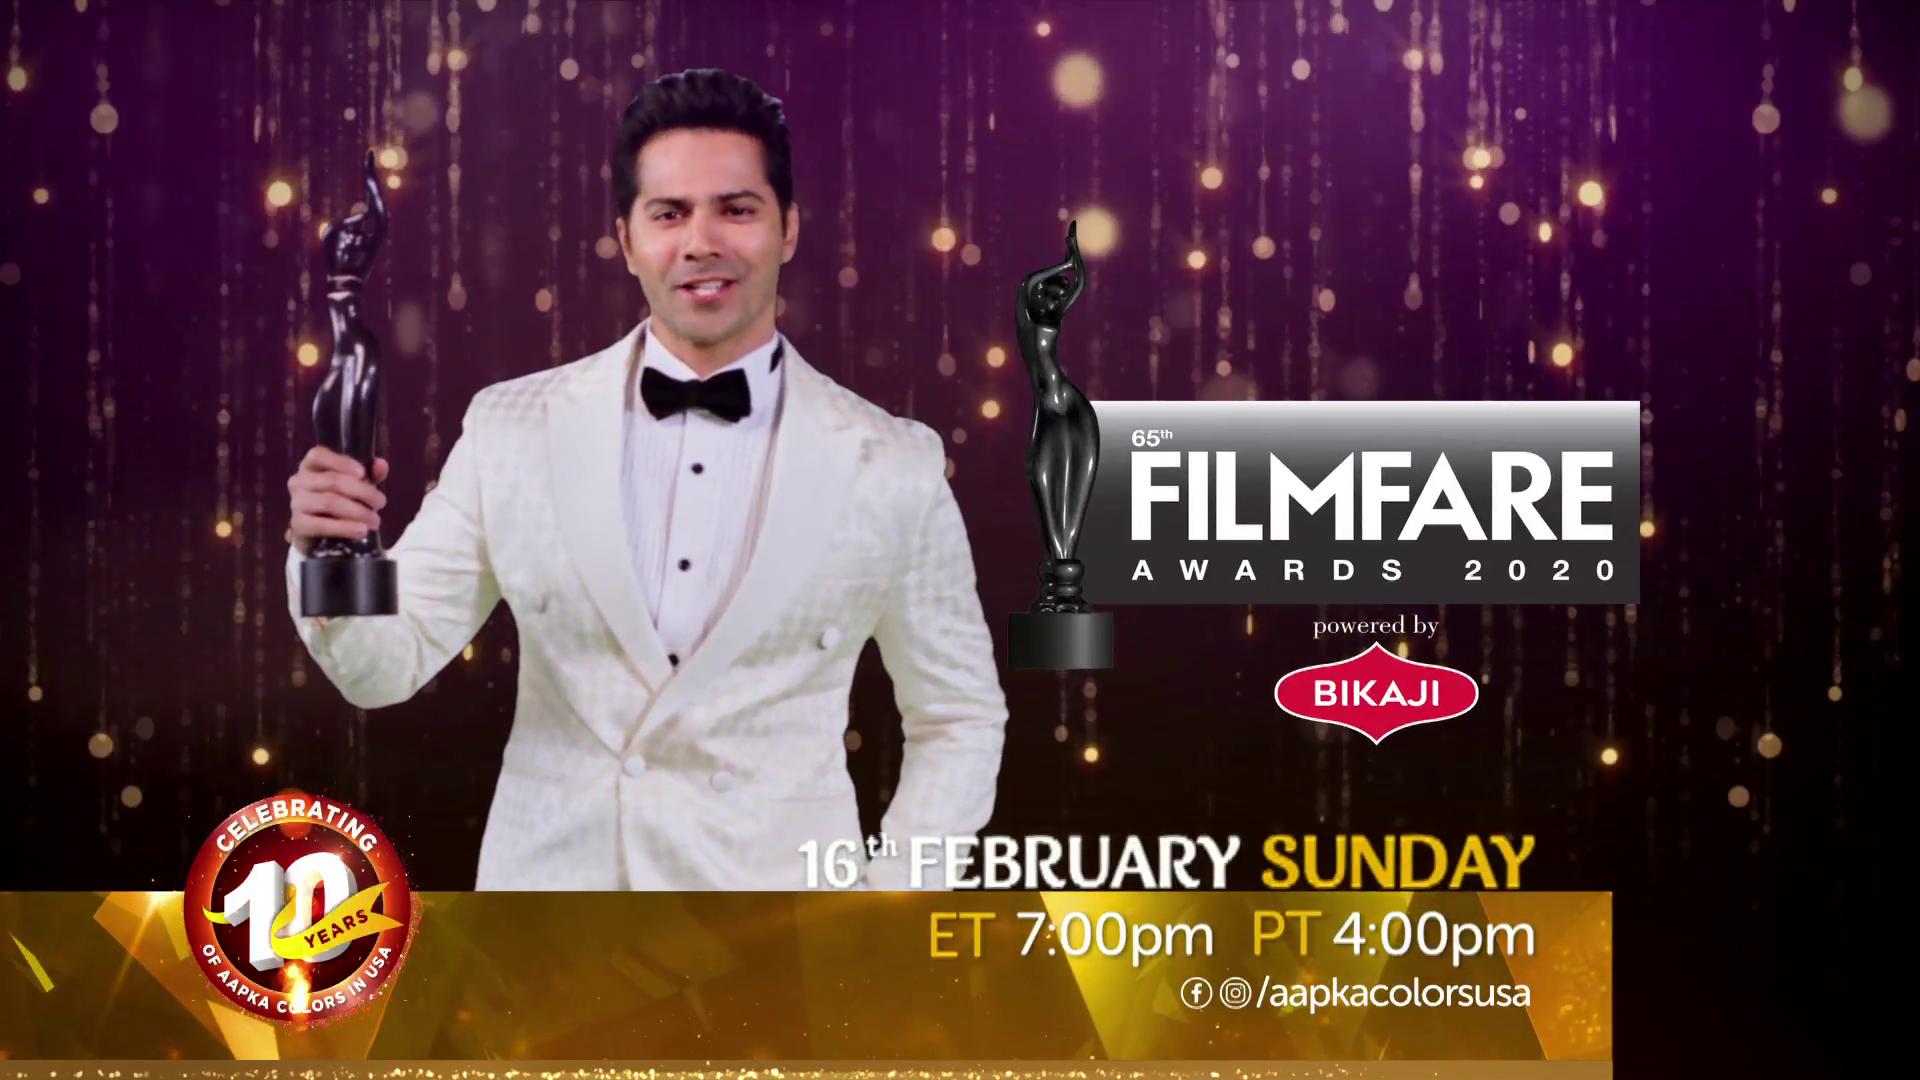 FilmFare Awards 16th Feb Sun 7pm ET/4pm PT